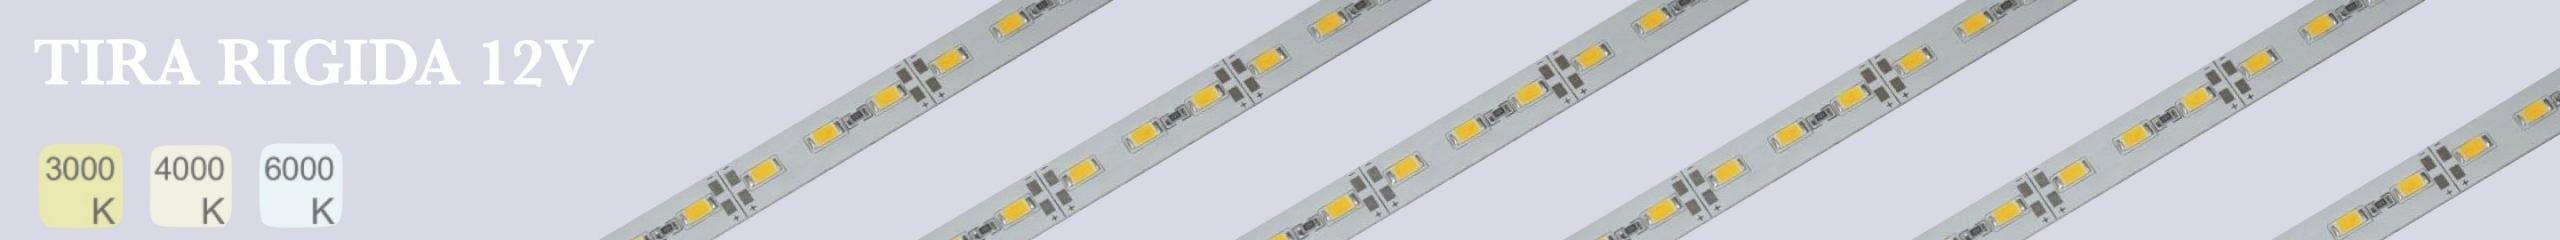 Tiras LED Rígida